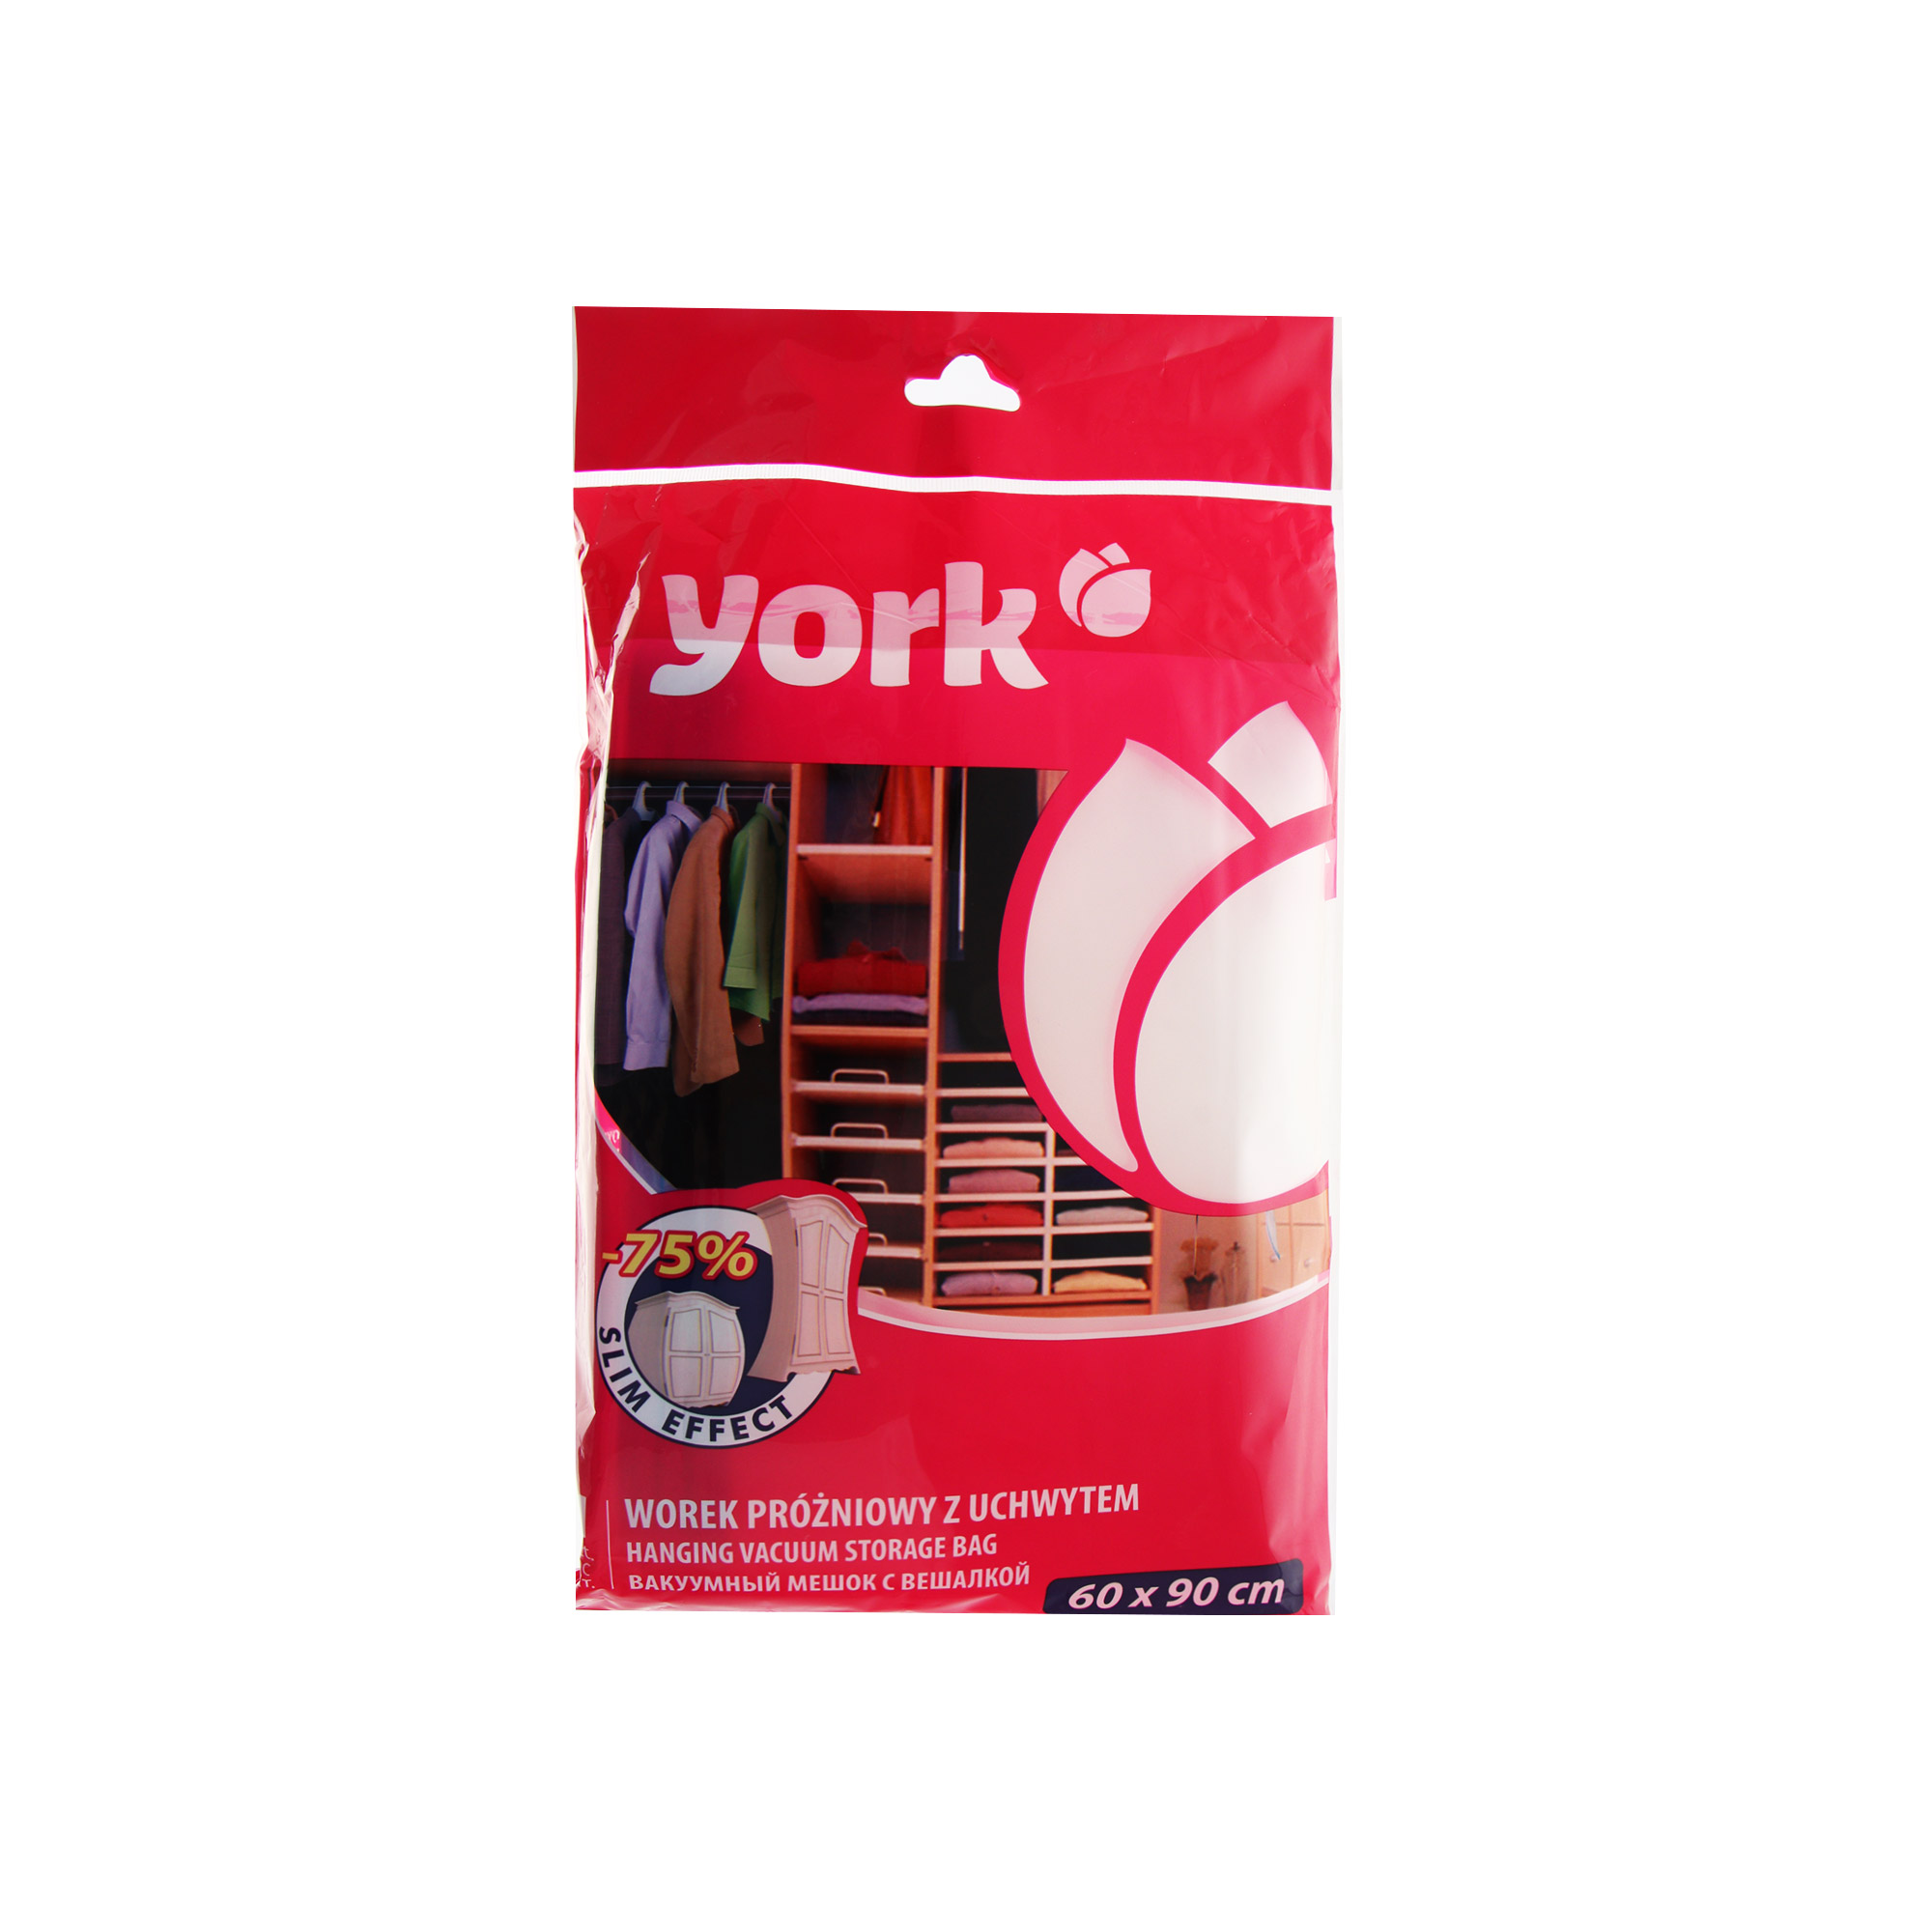 Набор вакуумный мешок с вешалкой York 60x90cм фото